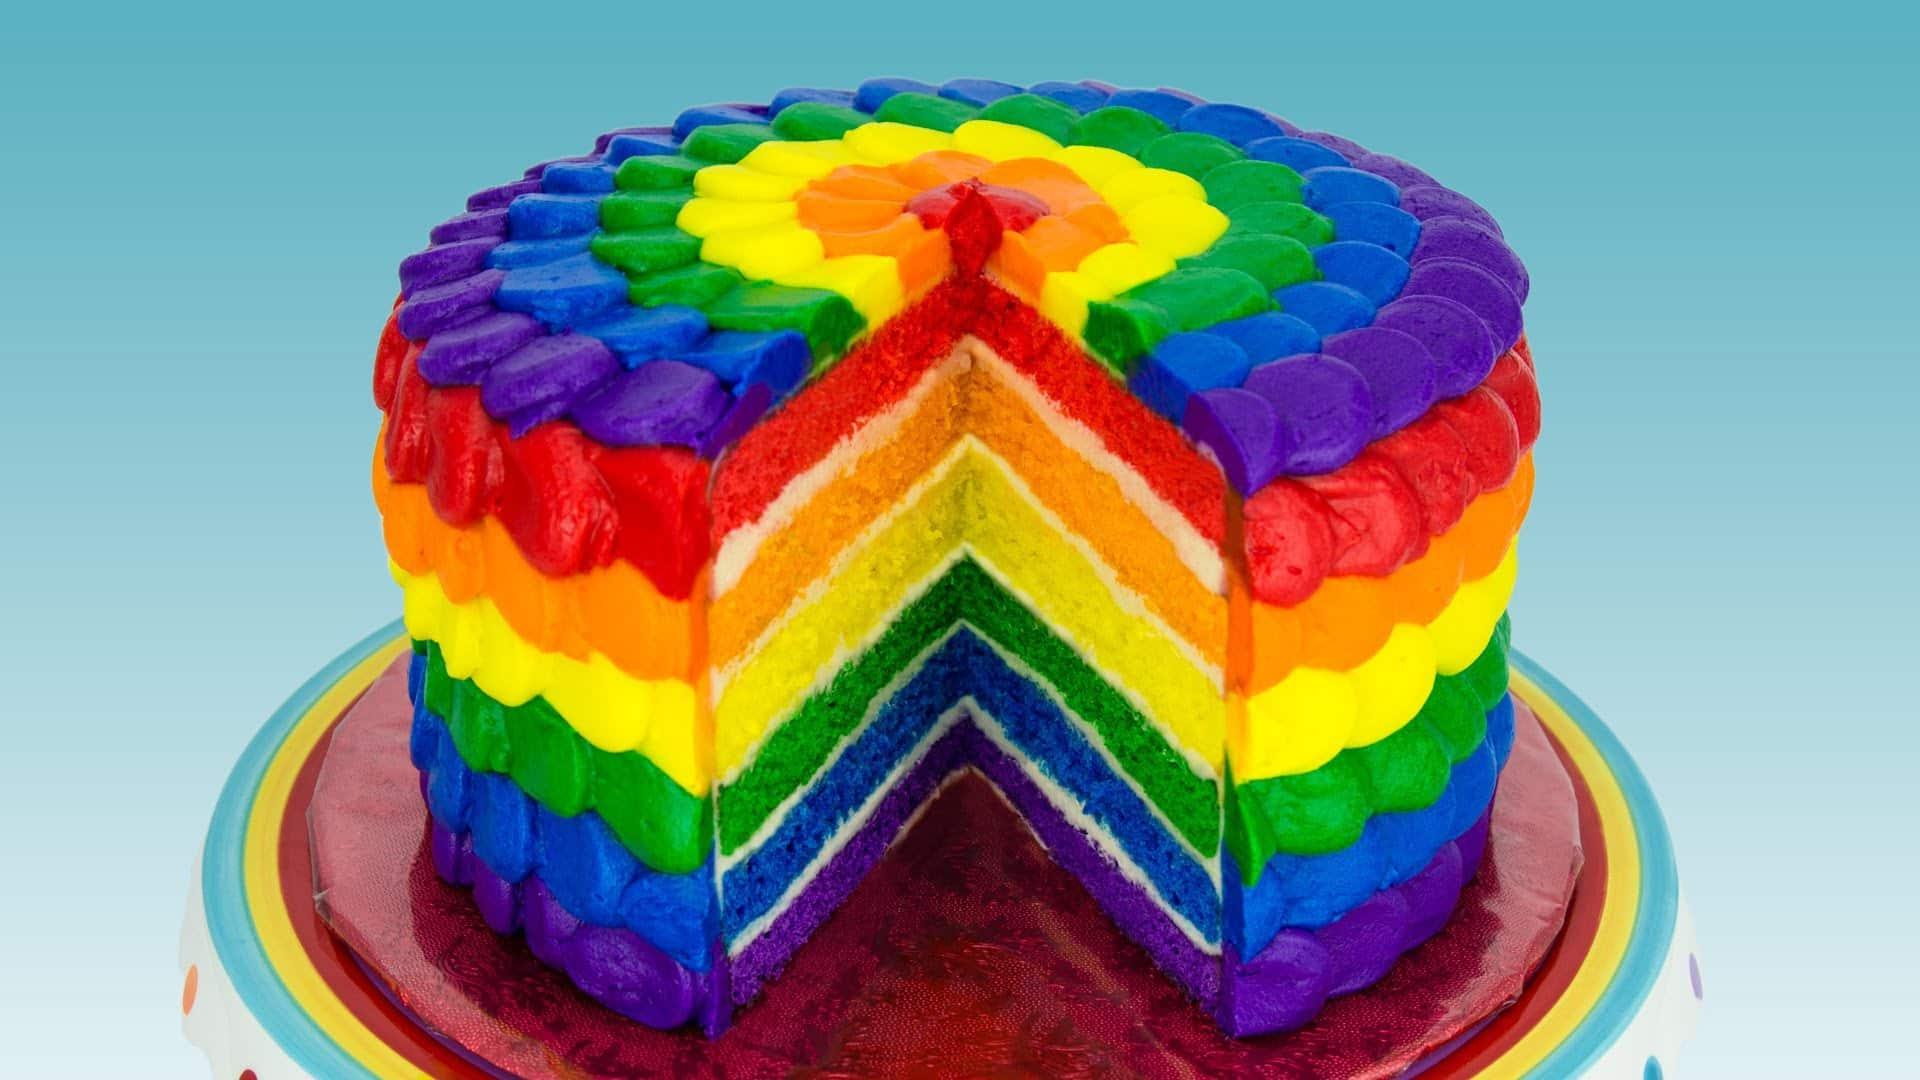 15 Mythes Du Cake Design Les Fausses Idees A Corriger A Tout Prix